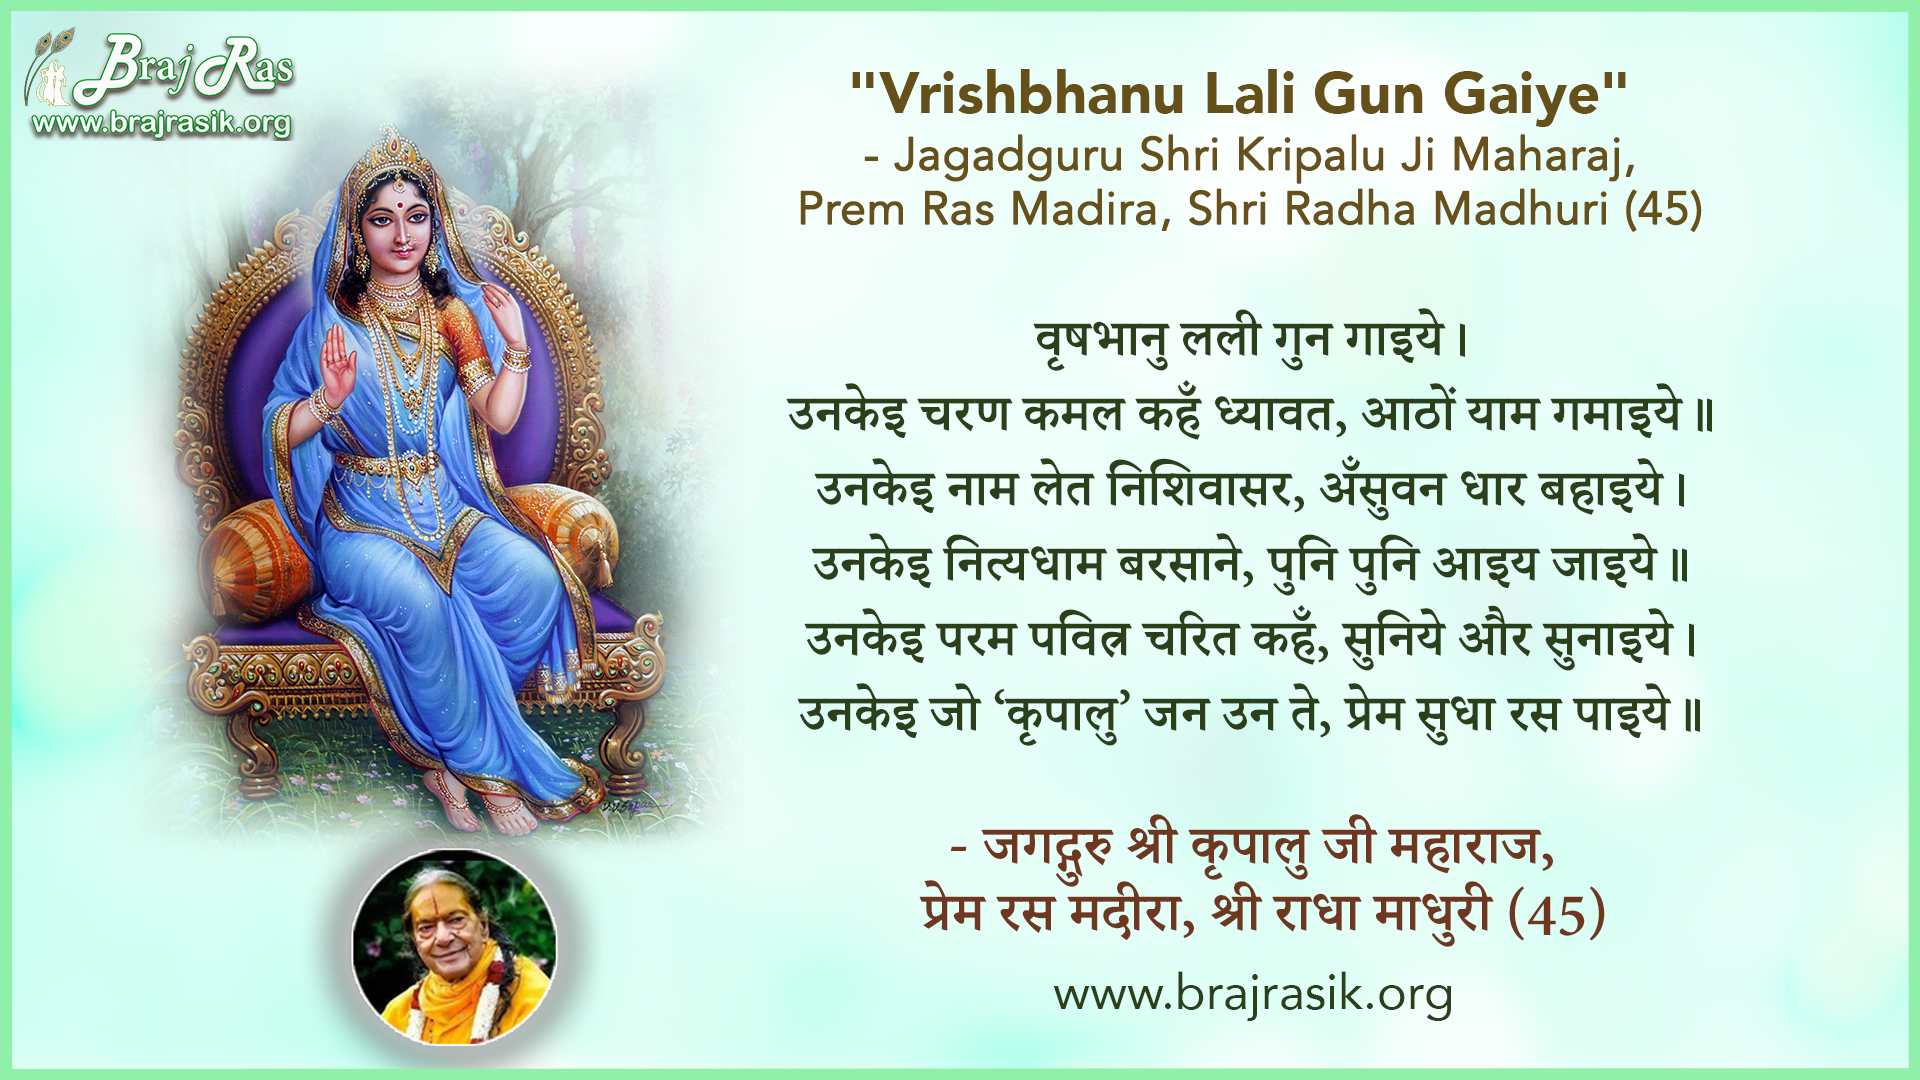 Vrishbhanu Lali Gun Gaiye - Jagadguru Shri Kripalu Ji Maharaj, Prem Ras Madira, Shri Radha Madhuri (45)